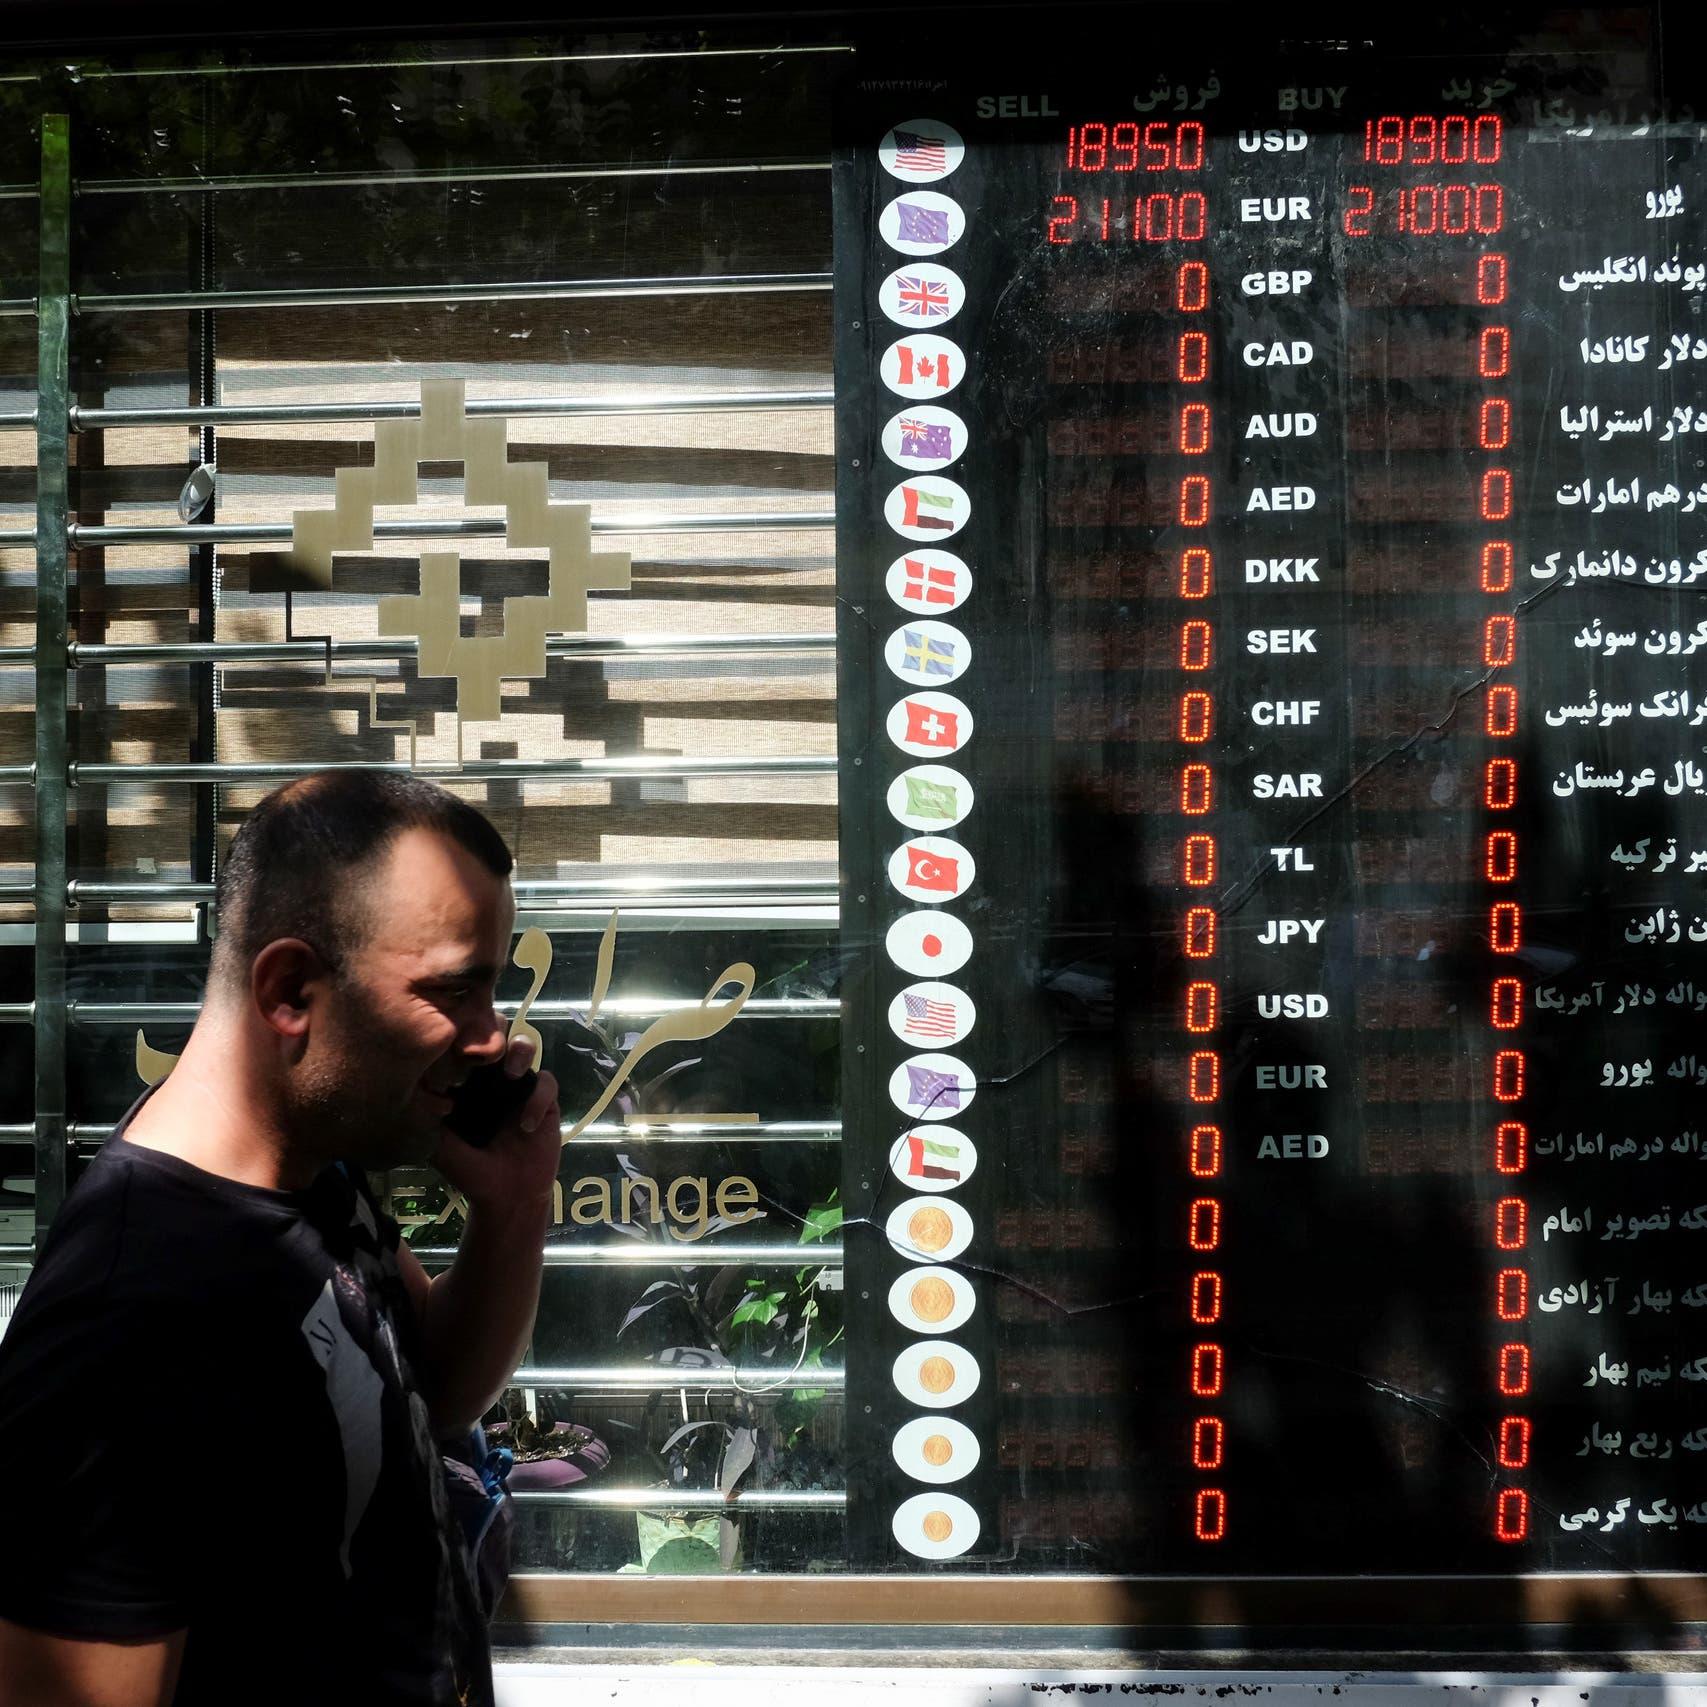 روحاني: إيران تعرضت لحرب اقتصادية تسببت في تدهور قيمة العملة